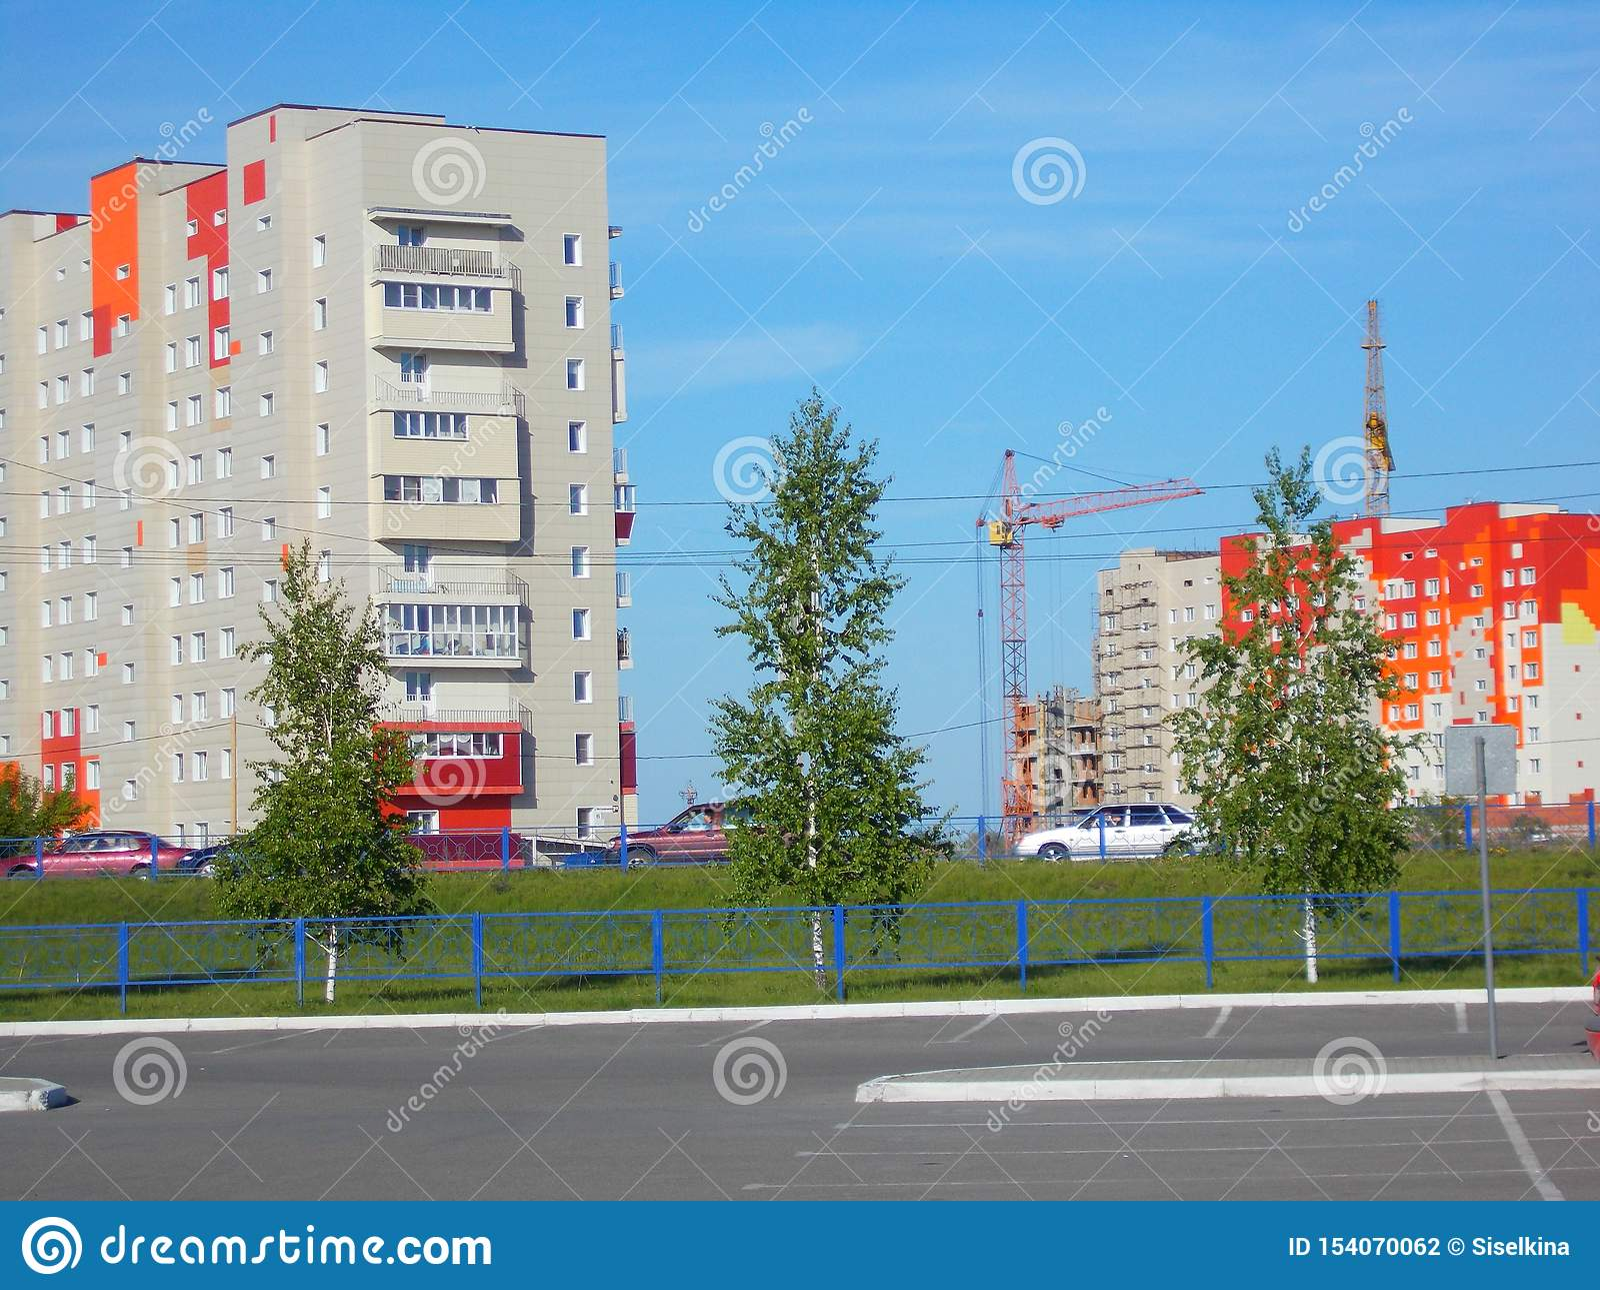 Maison rouge-blanc-orange de maison à plusiers étages, Russie